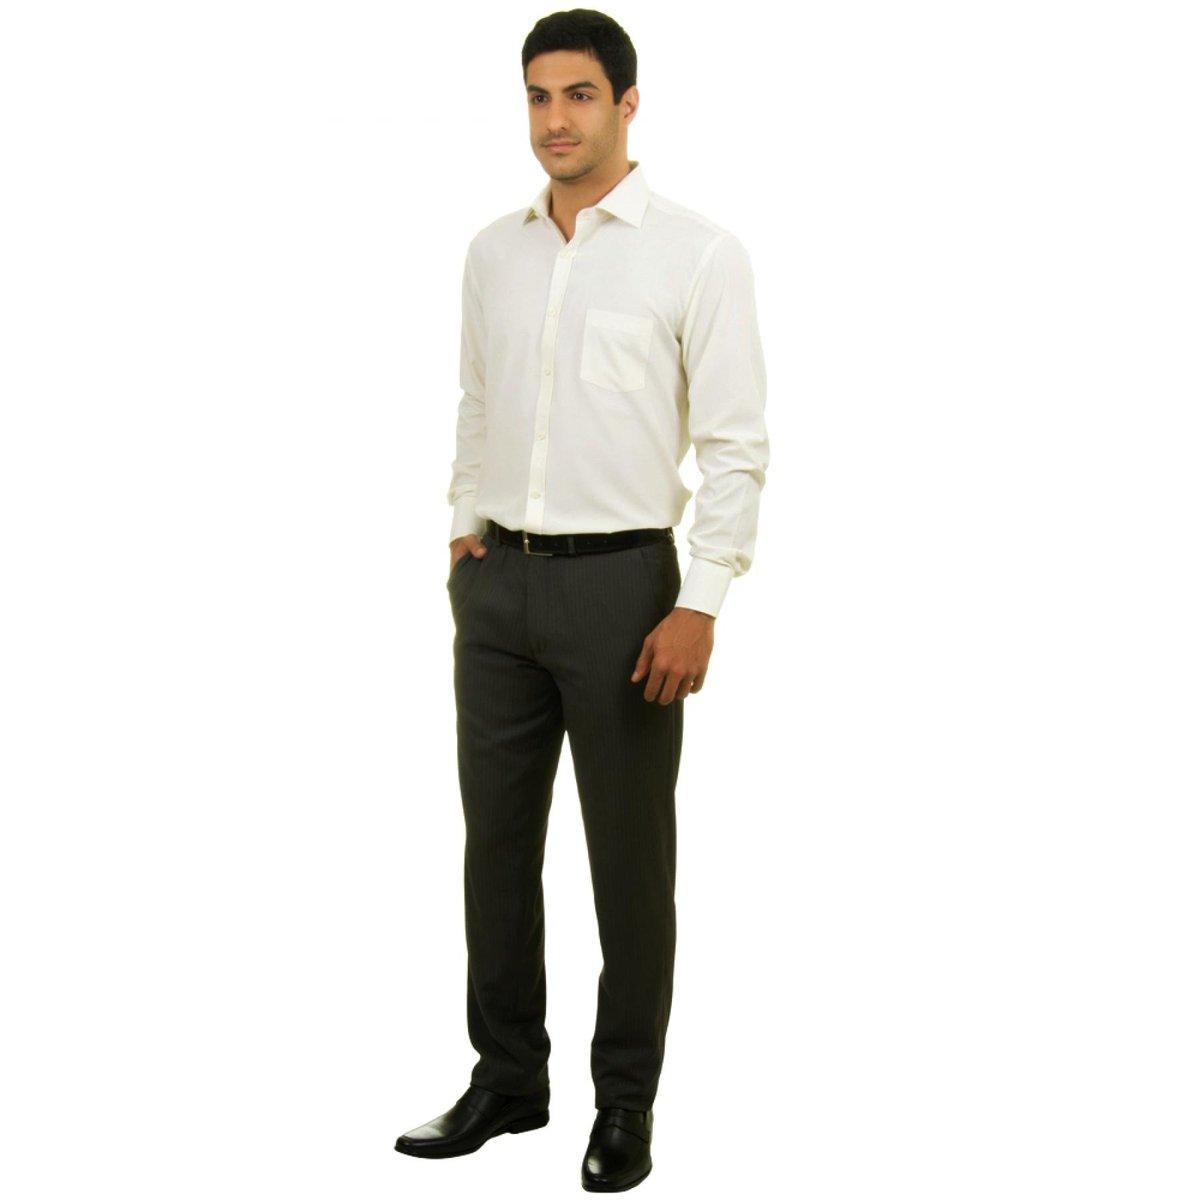 Camisa Social Masculino - Compre Agora  470d652c3763a